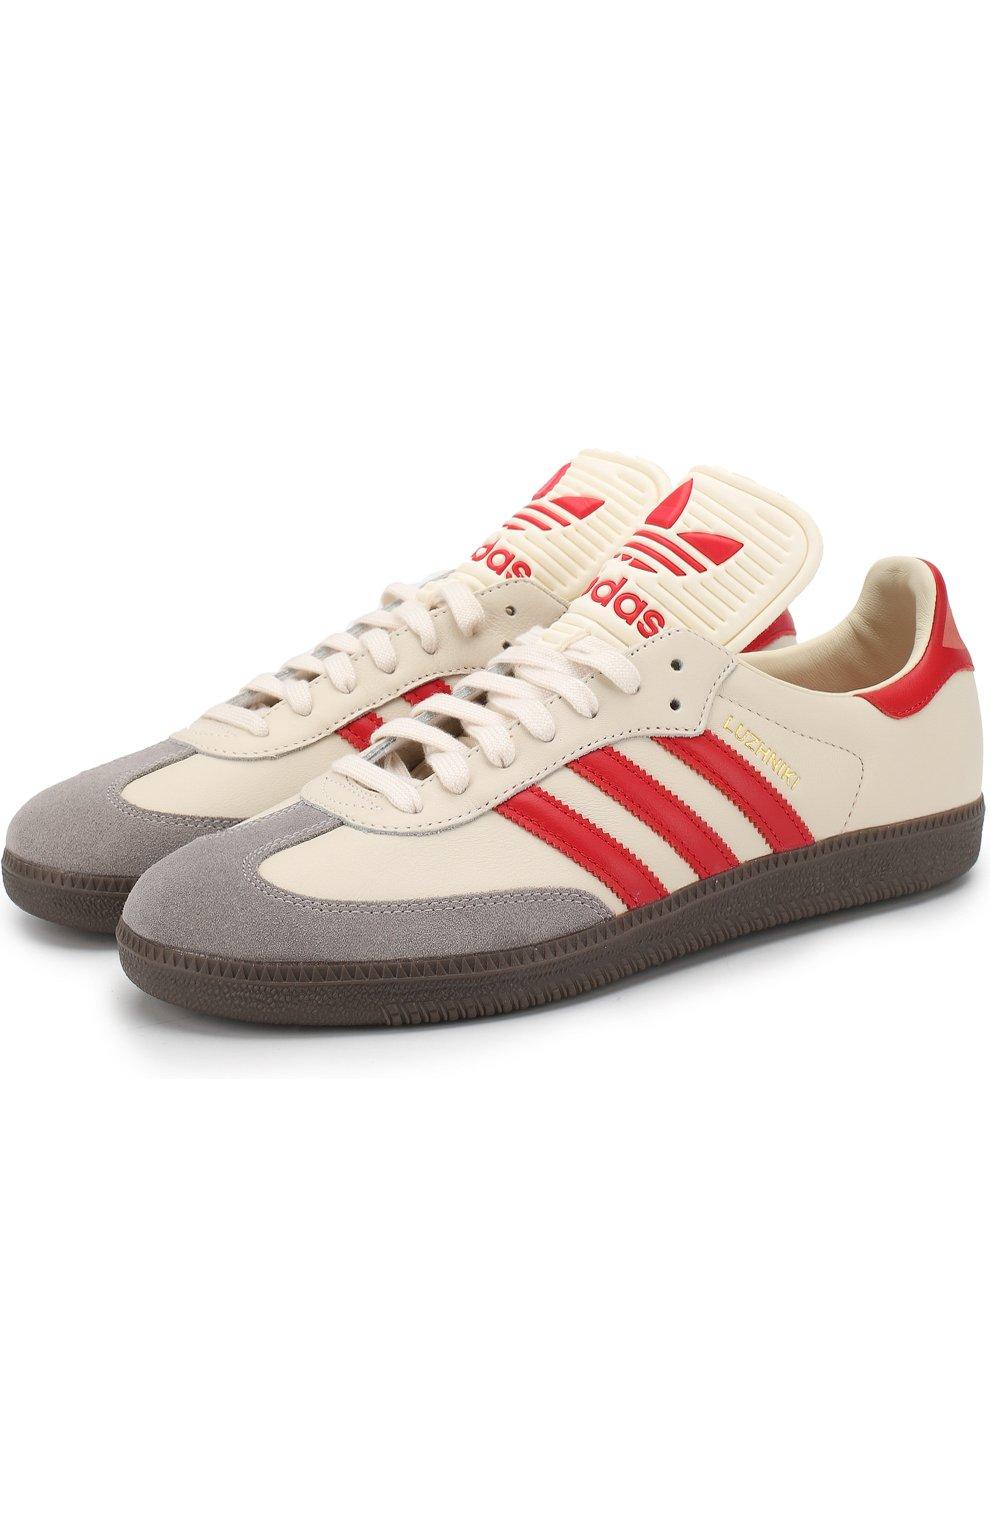 Мужские бежевые кроссовки samba classic og ADIDAS ORIGINALS — купить ... 8807b037759